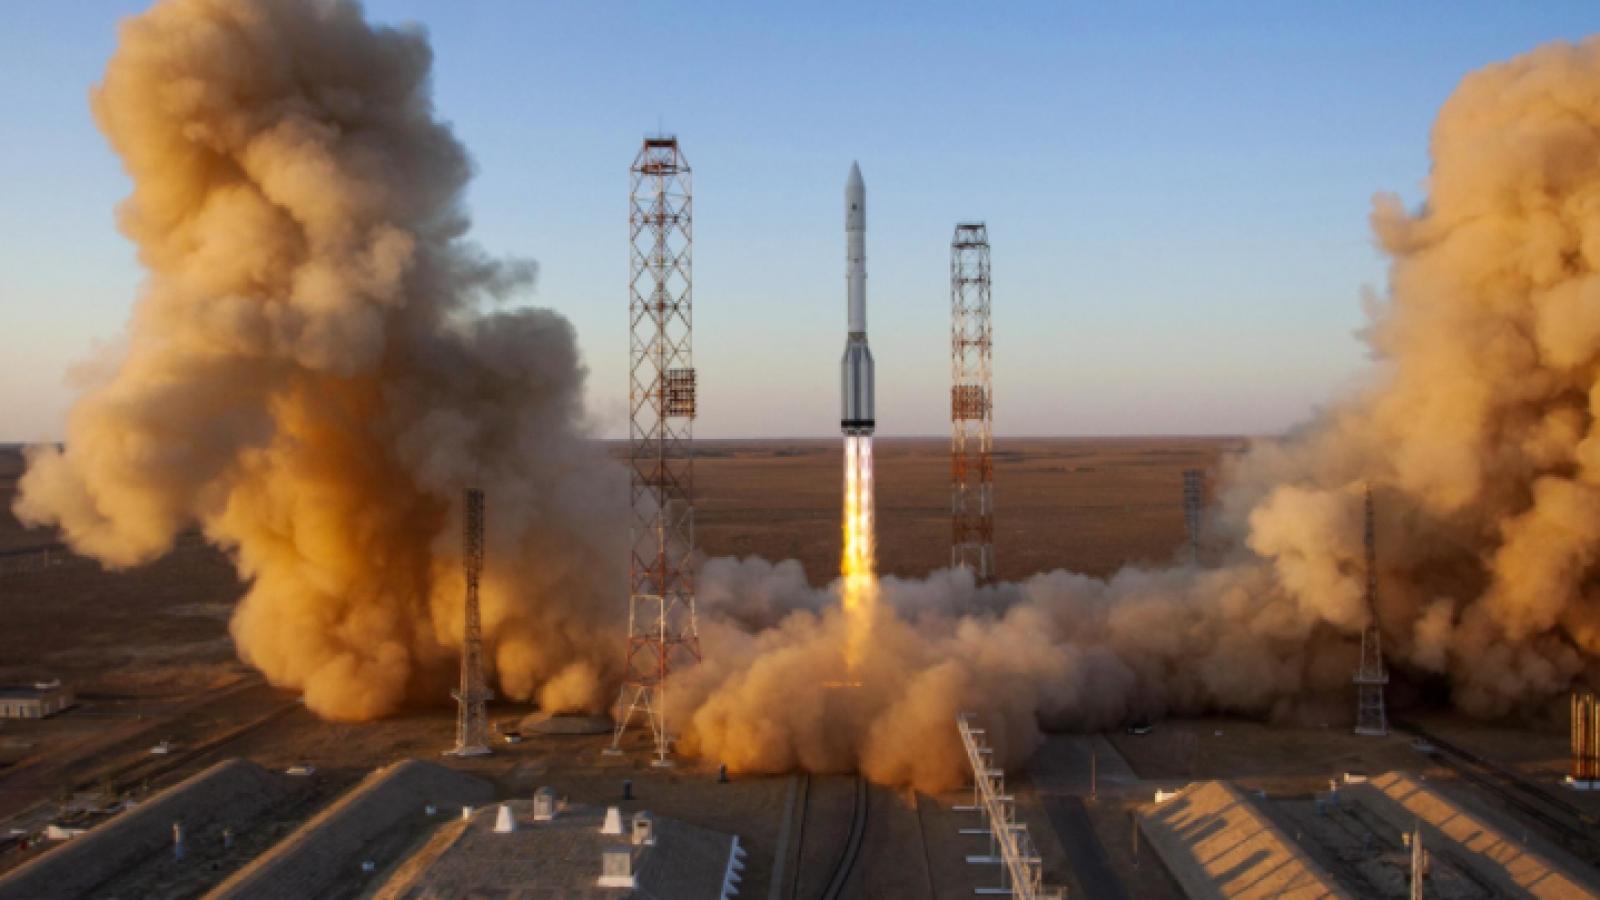 Lý do Nga đưa phòng thí nghiệm mới lên trạm vũ trụ quốc tế dù ISS sắp hết hạn sử dụng